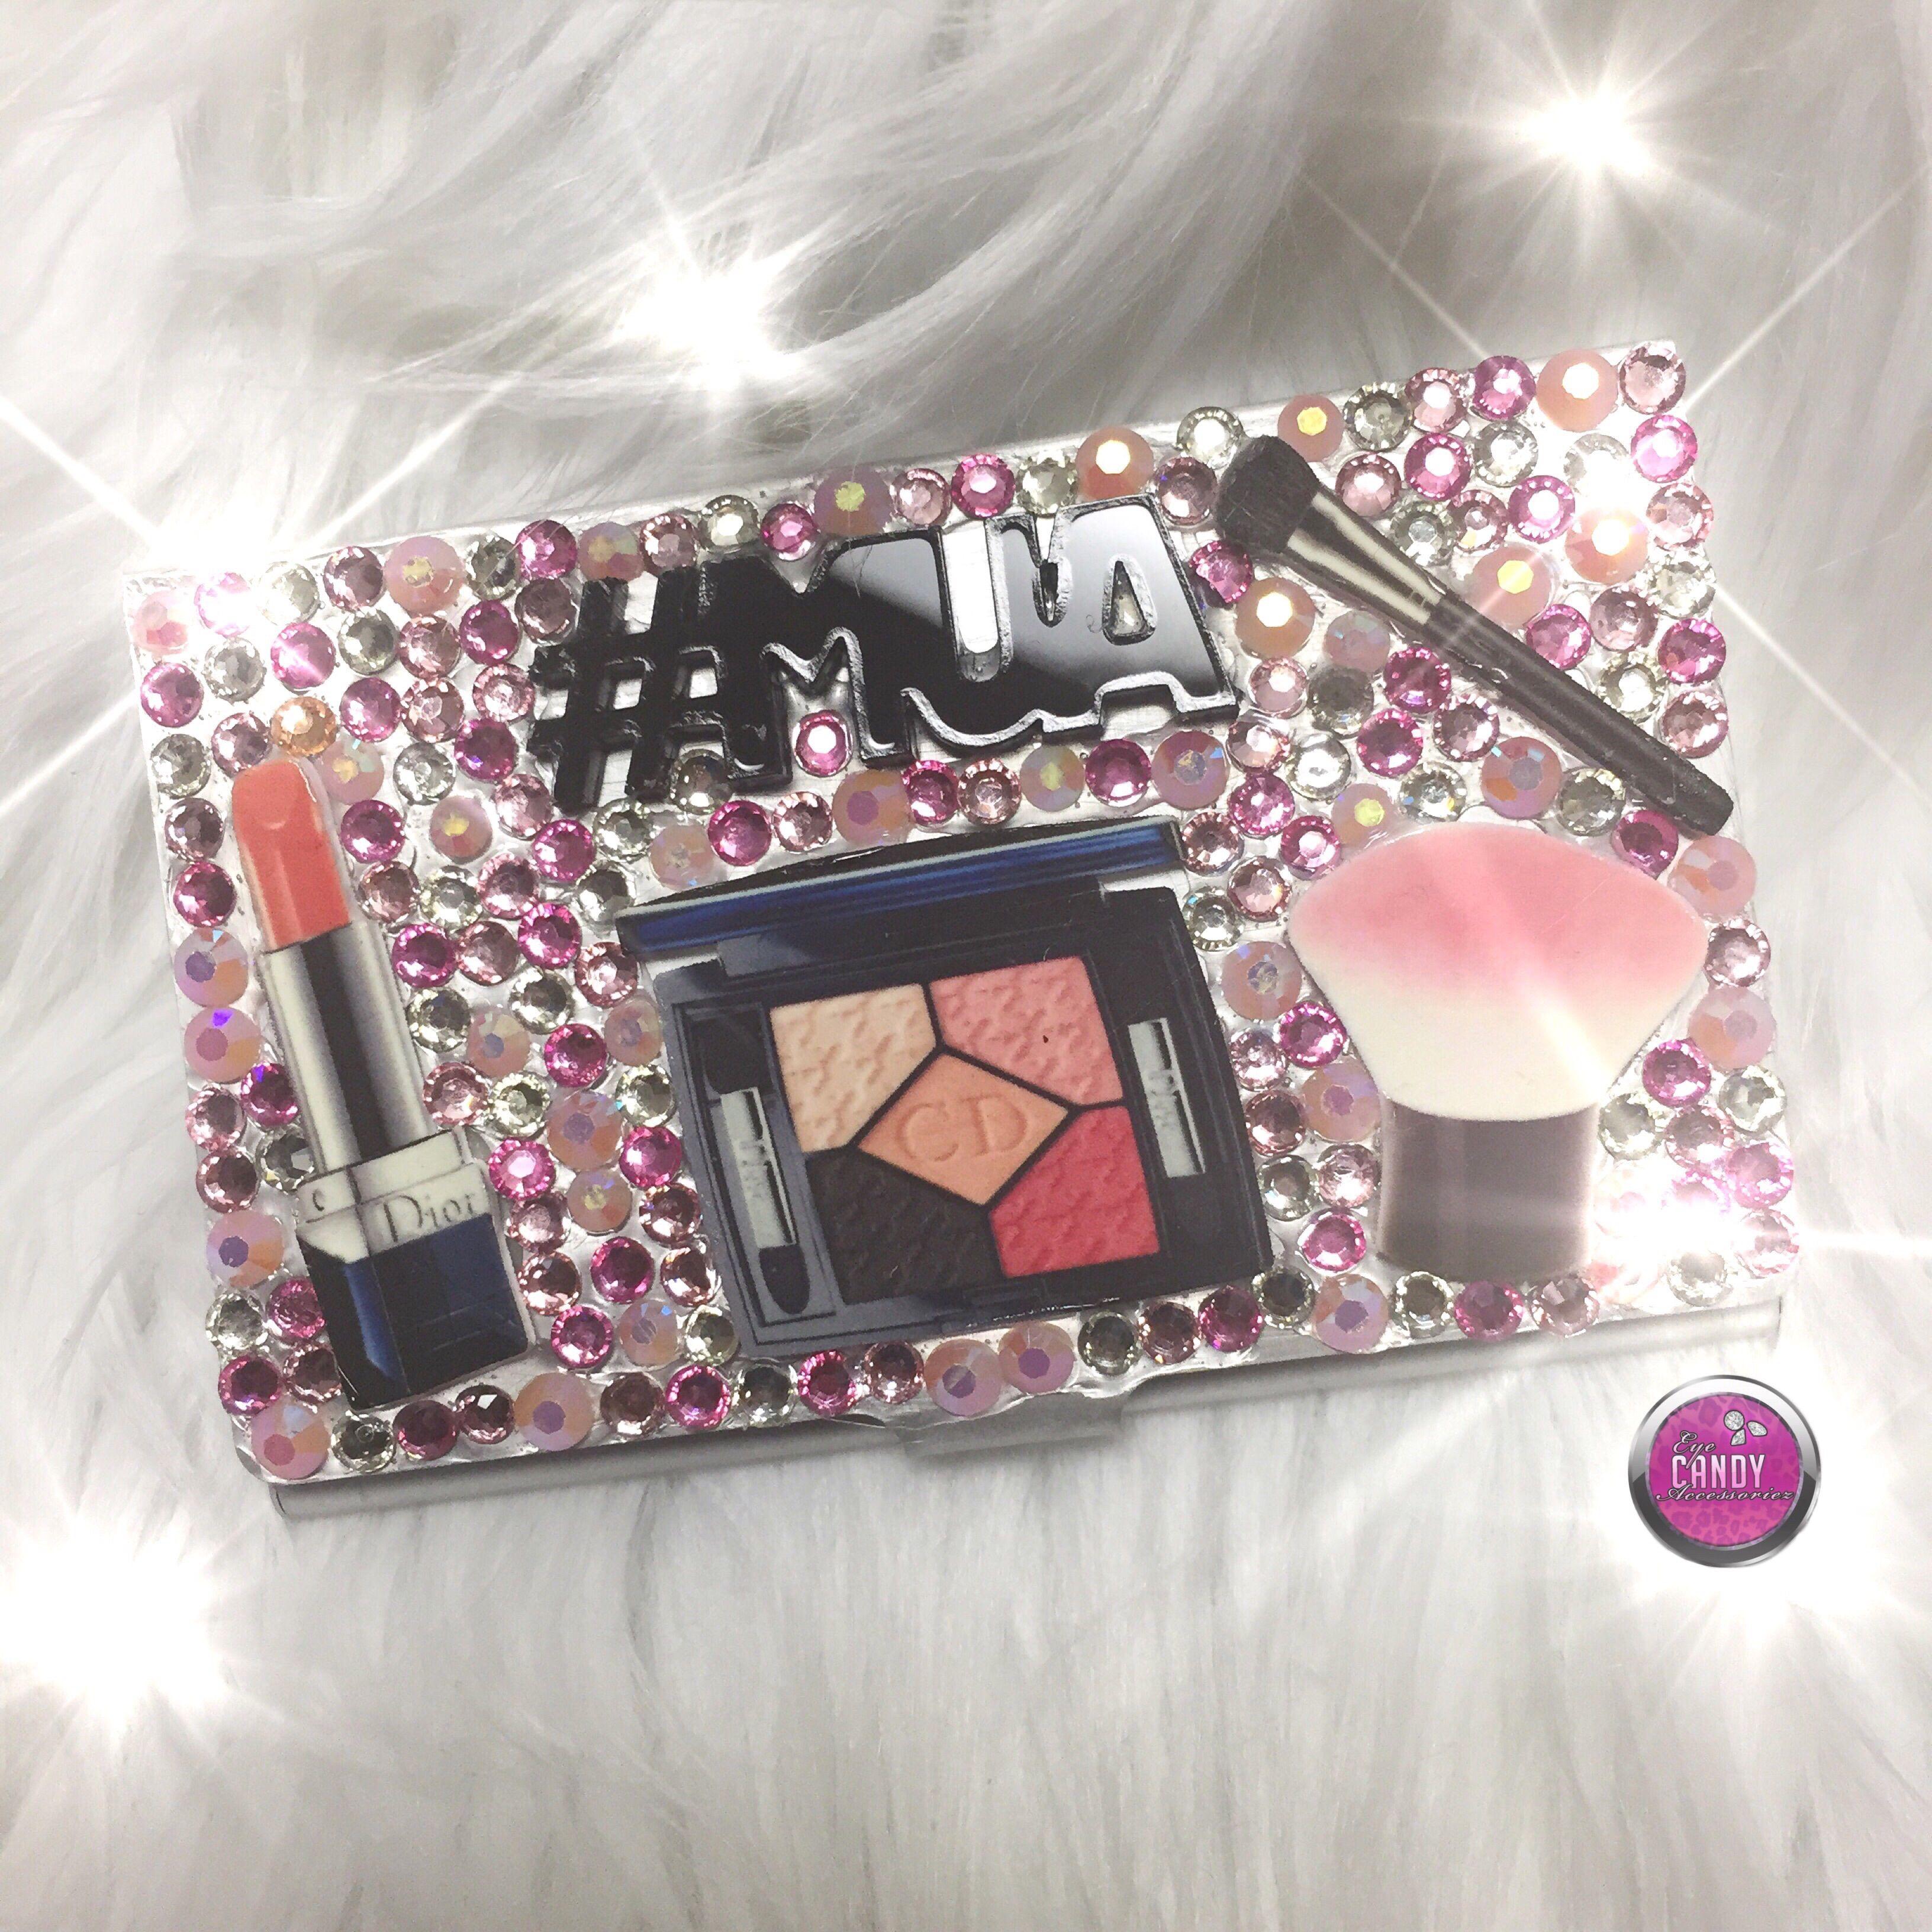 handmade makeup artist theme cute business card holder  eye candy